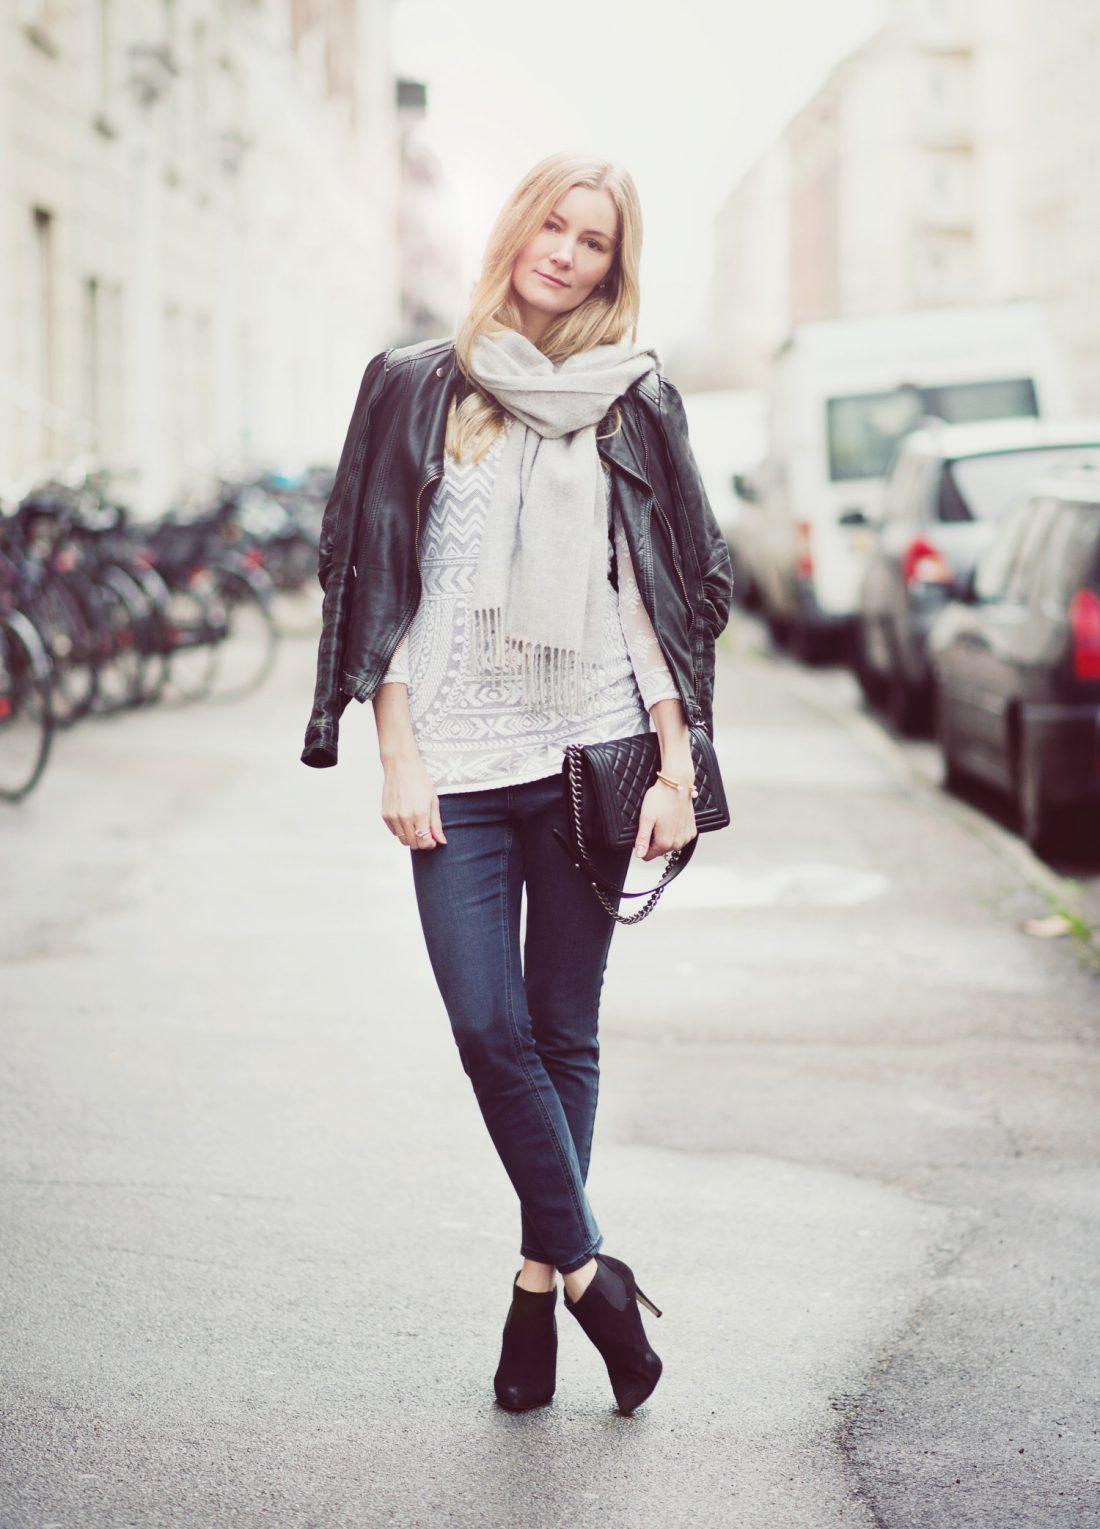 stramme-jeans@2x.jpg